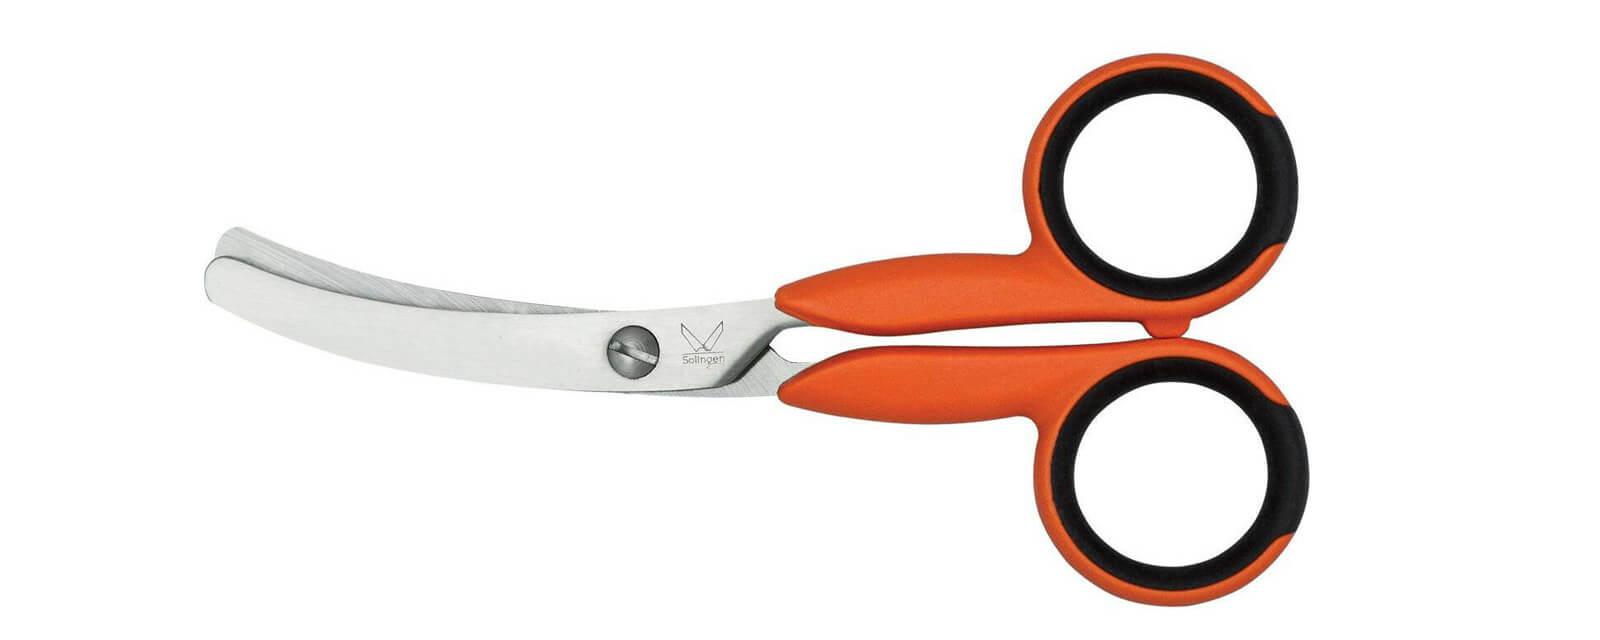 S74-Sicherheitsschere-Kretzer-Safecut-5-13cm-gebogen-CURT-tools_1600